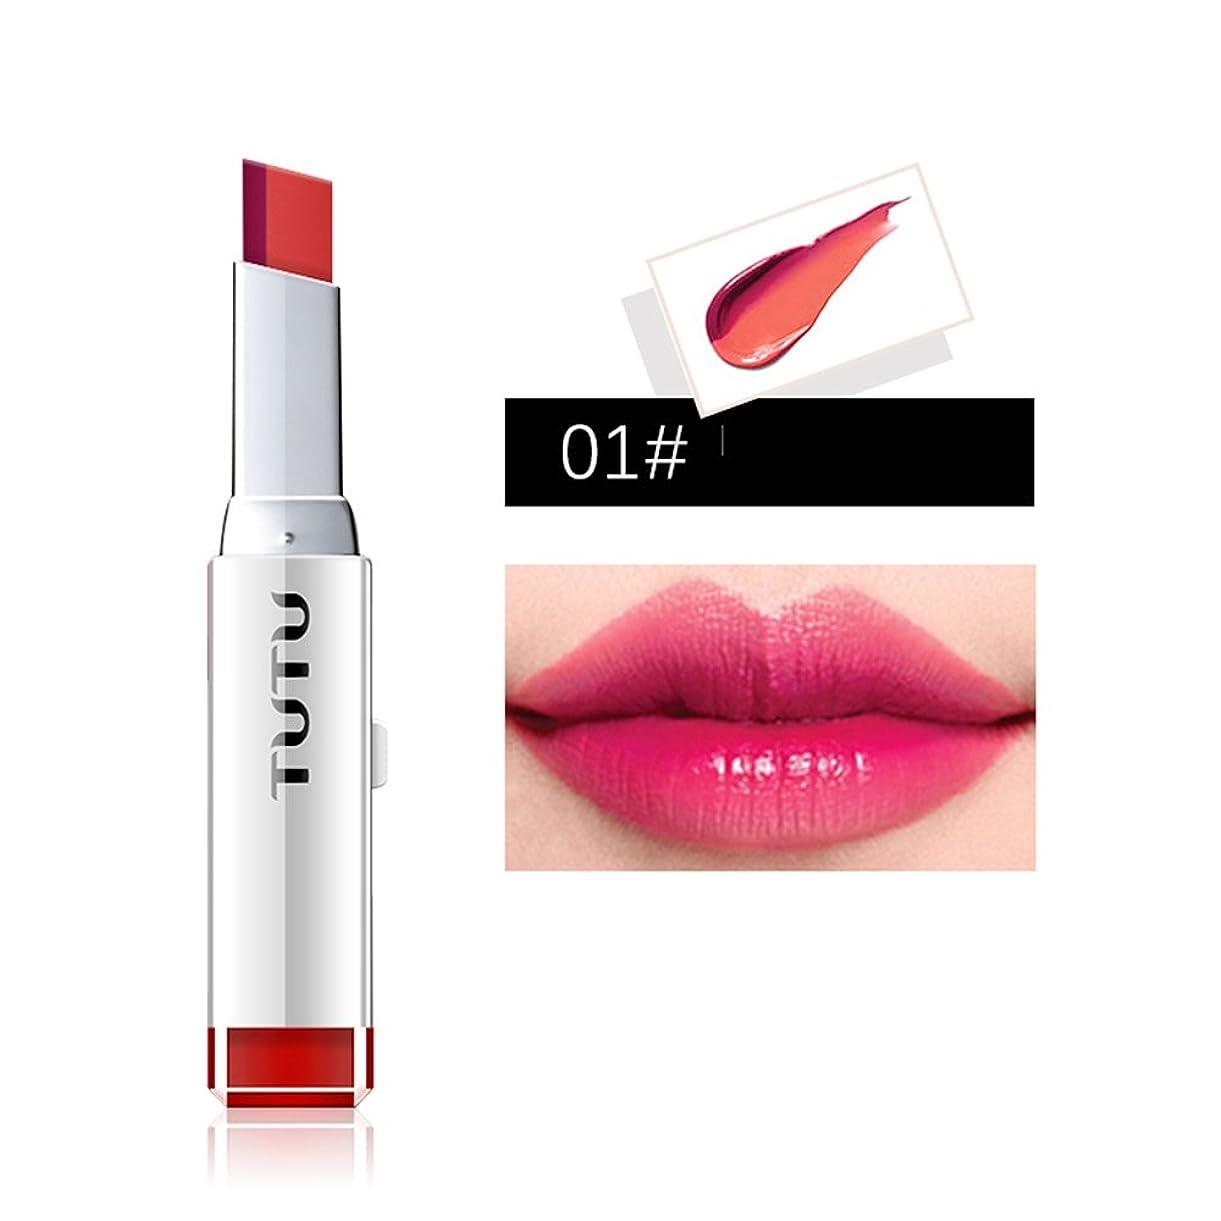 従事した分岐するウイルス女性の口紅 ダブルカラー グラデーションリップ バーリップスティック モイスチャライジンググロス 唇のメイク 1#